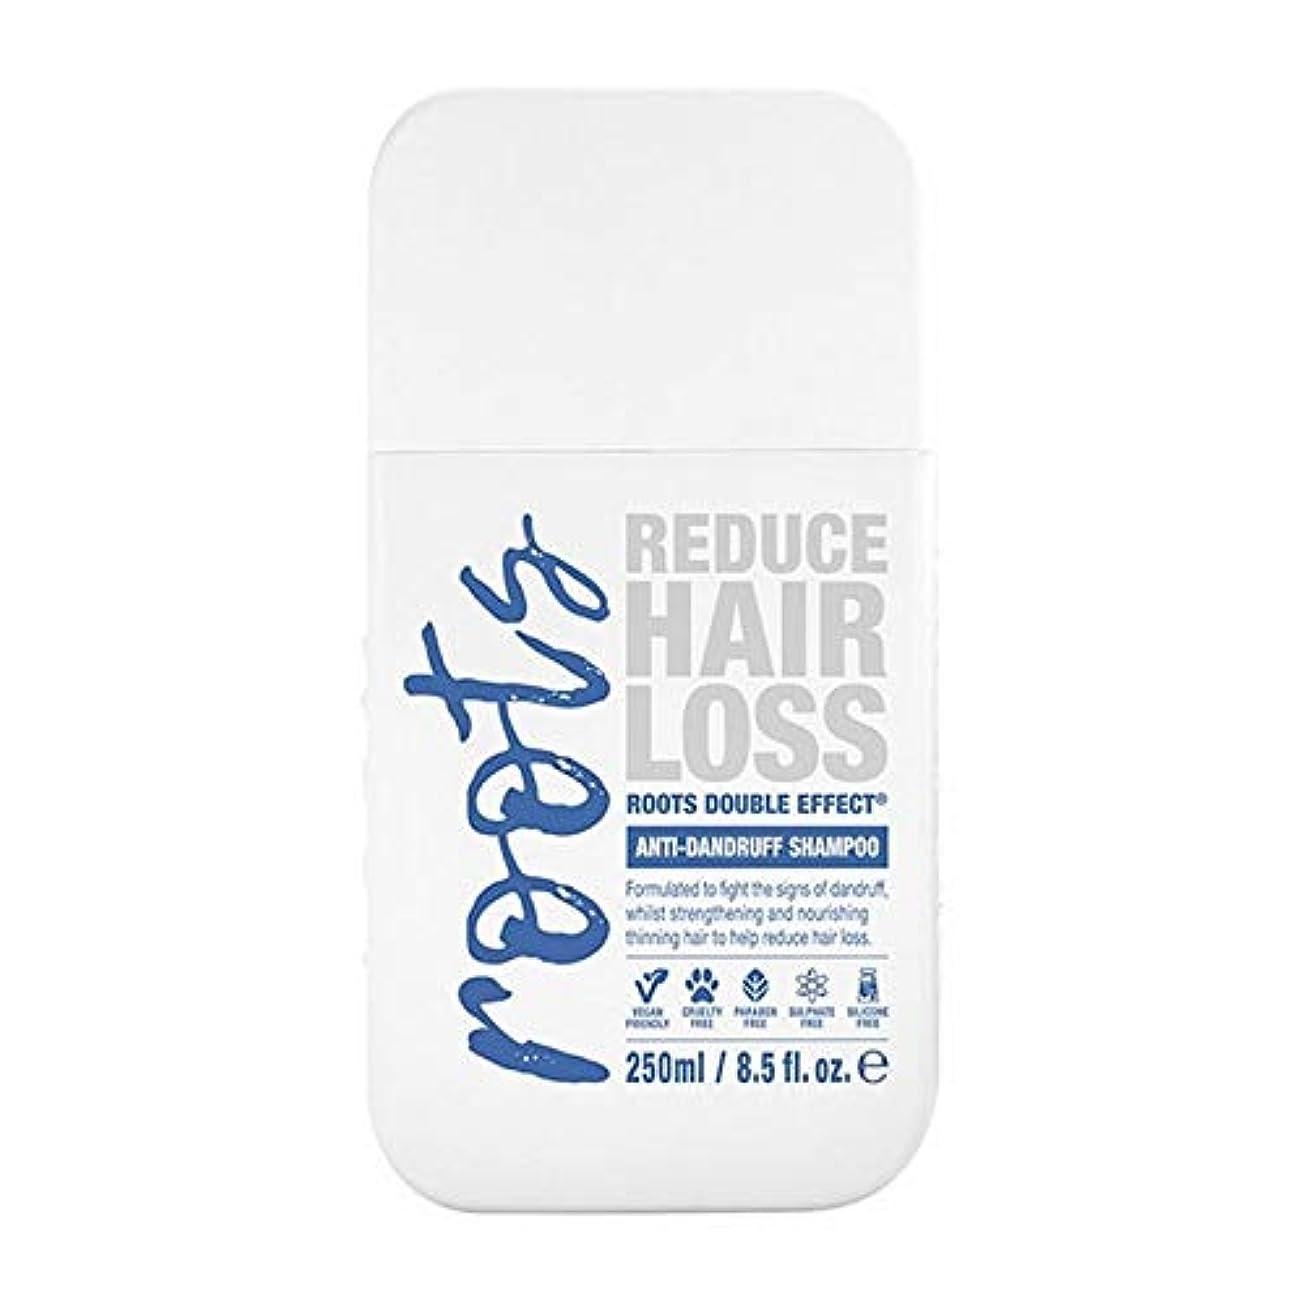 将来のスカート無声で[Roots ] 根のダブル効果フケ防止シャンプー250Ml - Roots Double Effect Anti-Dandruff Shampoo 250ml [並行輸入品]